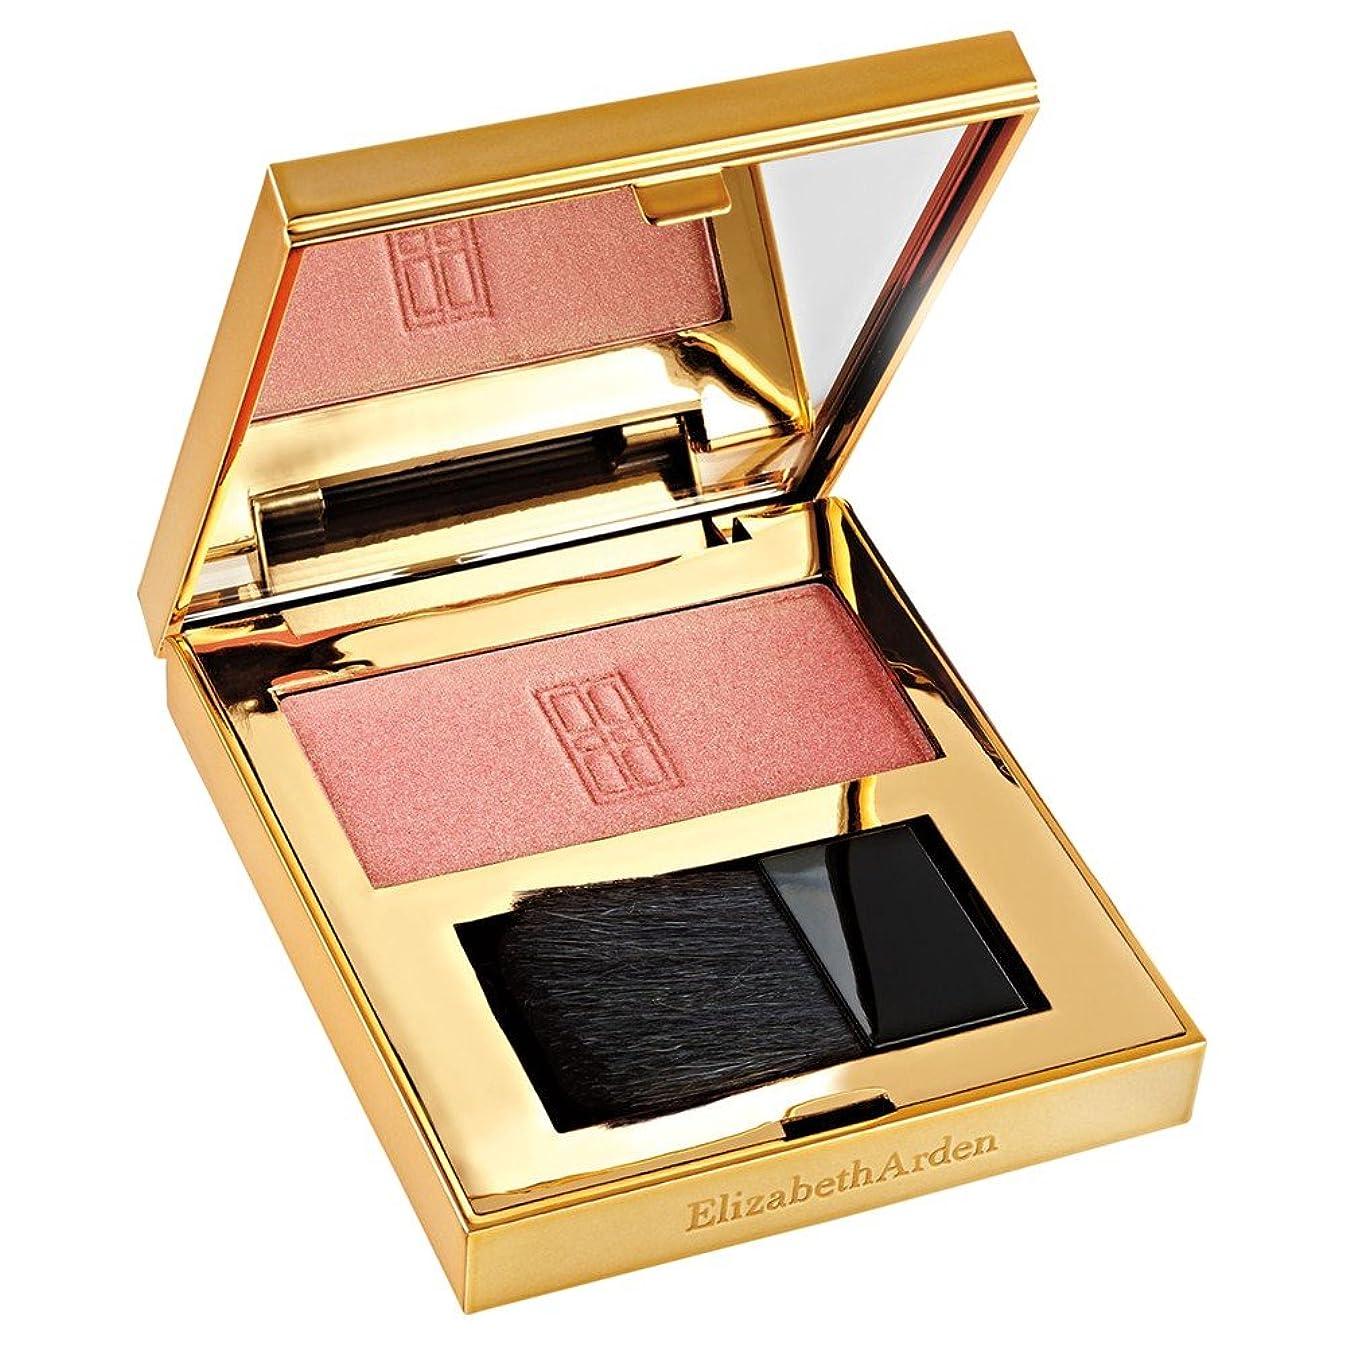 厚さ省略する計算するElizabeth Arden Beautiful Colour Radiance Blush Sweet Peach (Pack of 6) - エリザベスは美しい色の輝きが甘い桃の赤面アーデン x6 [並行輸入品]